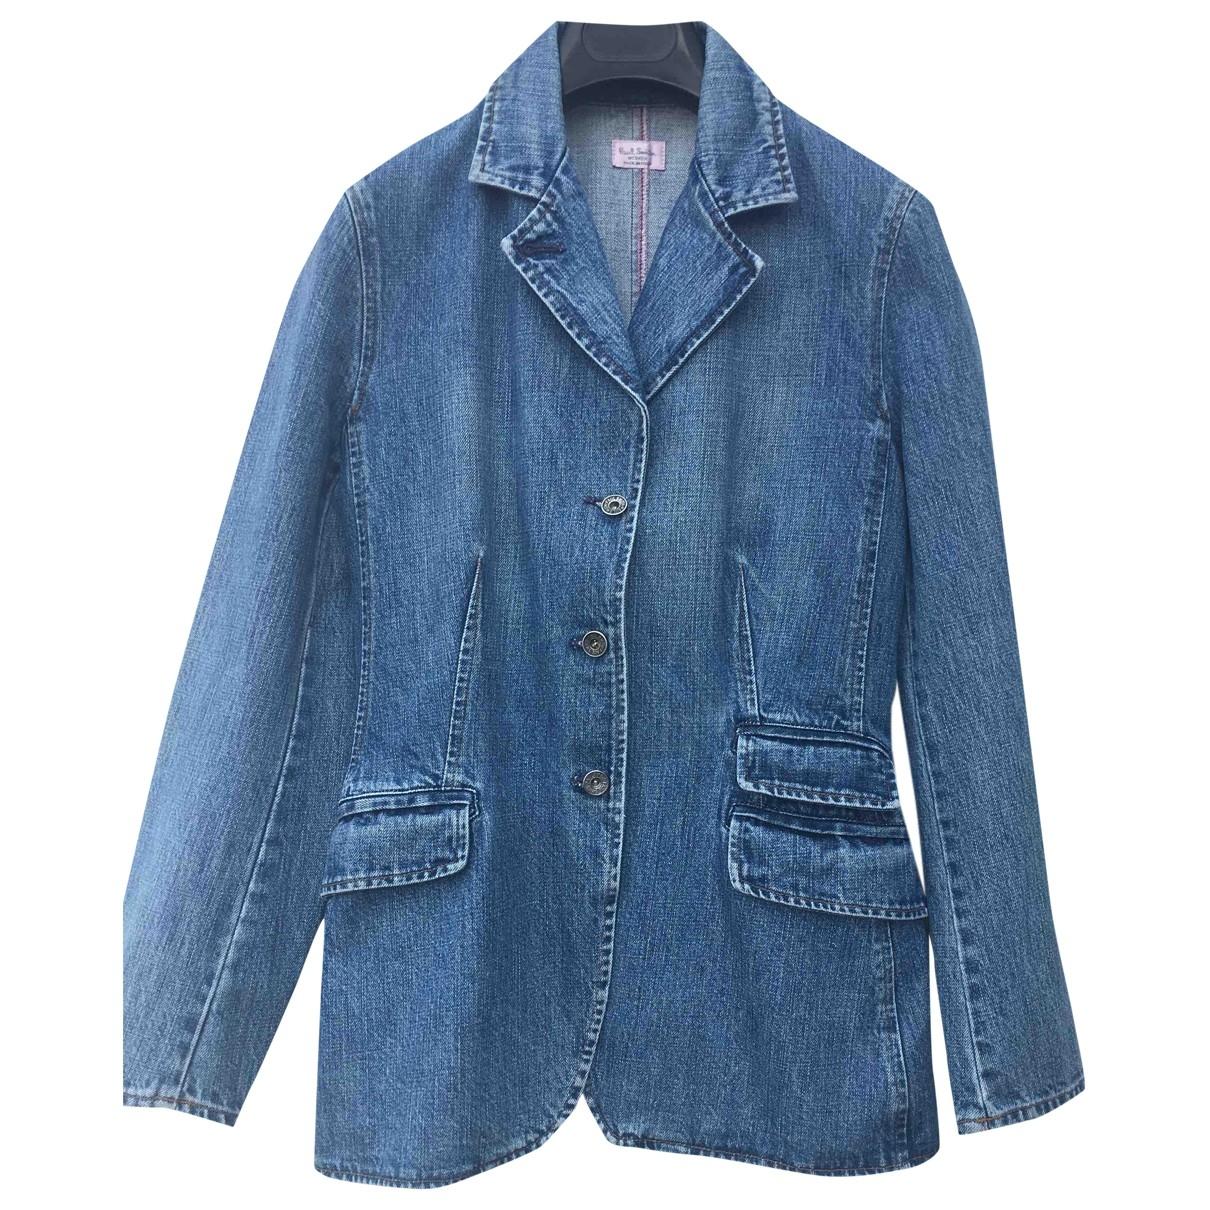 Paul Smith \N Blue Denim - Jeans jacket for Women 42 IT